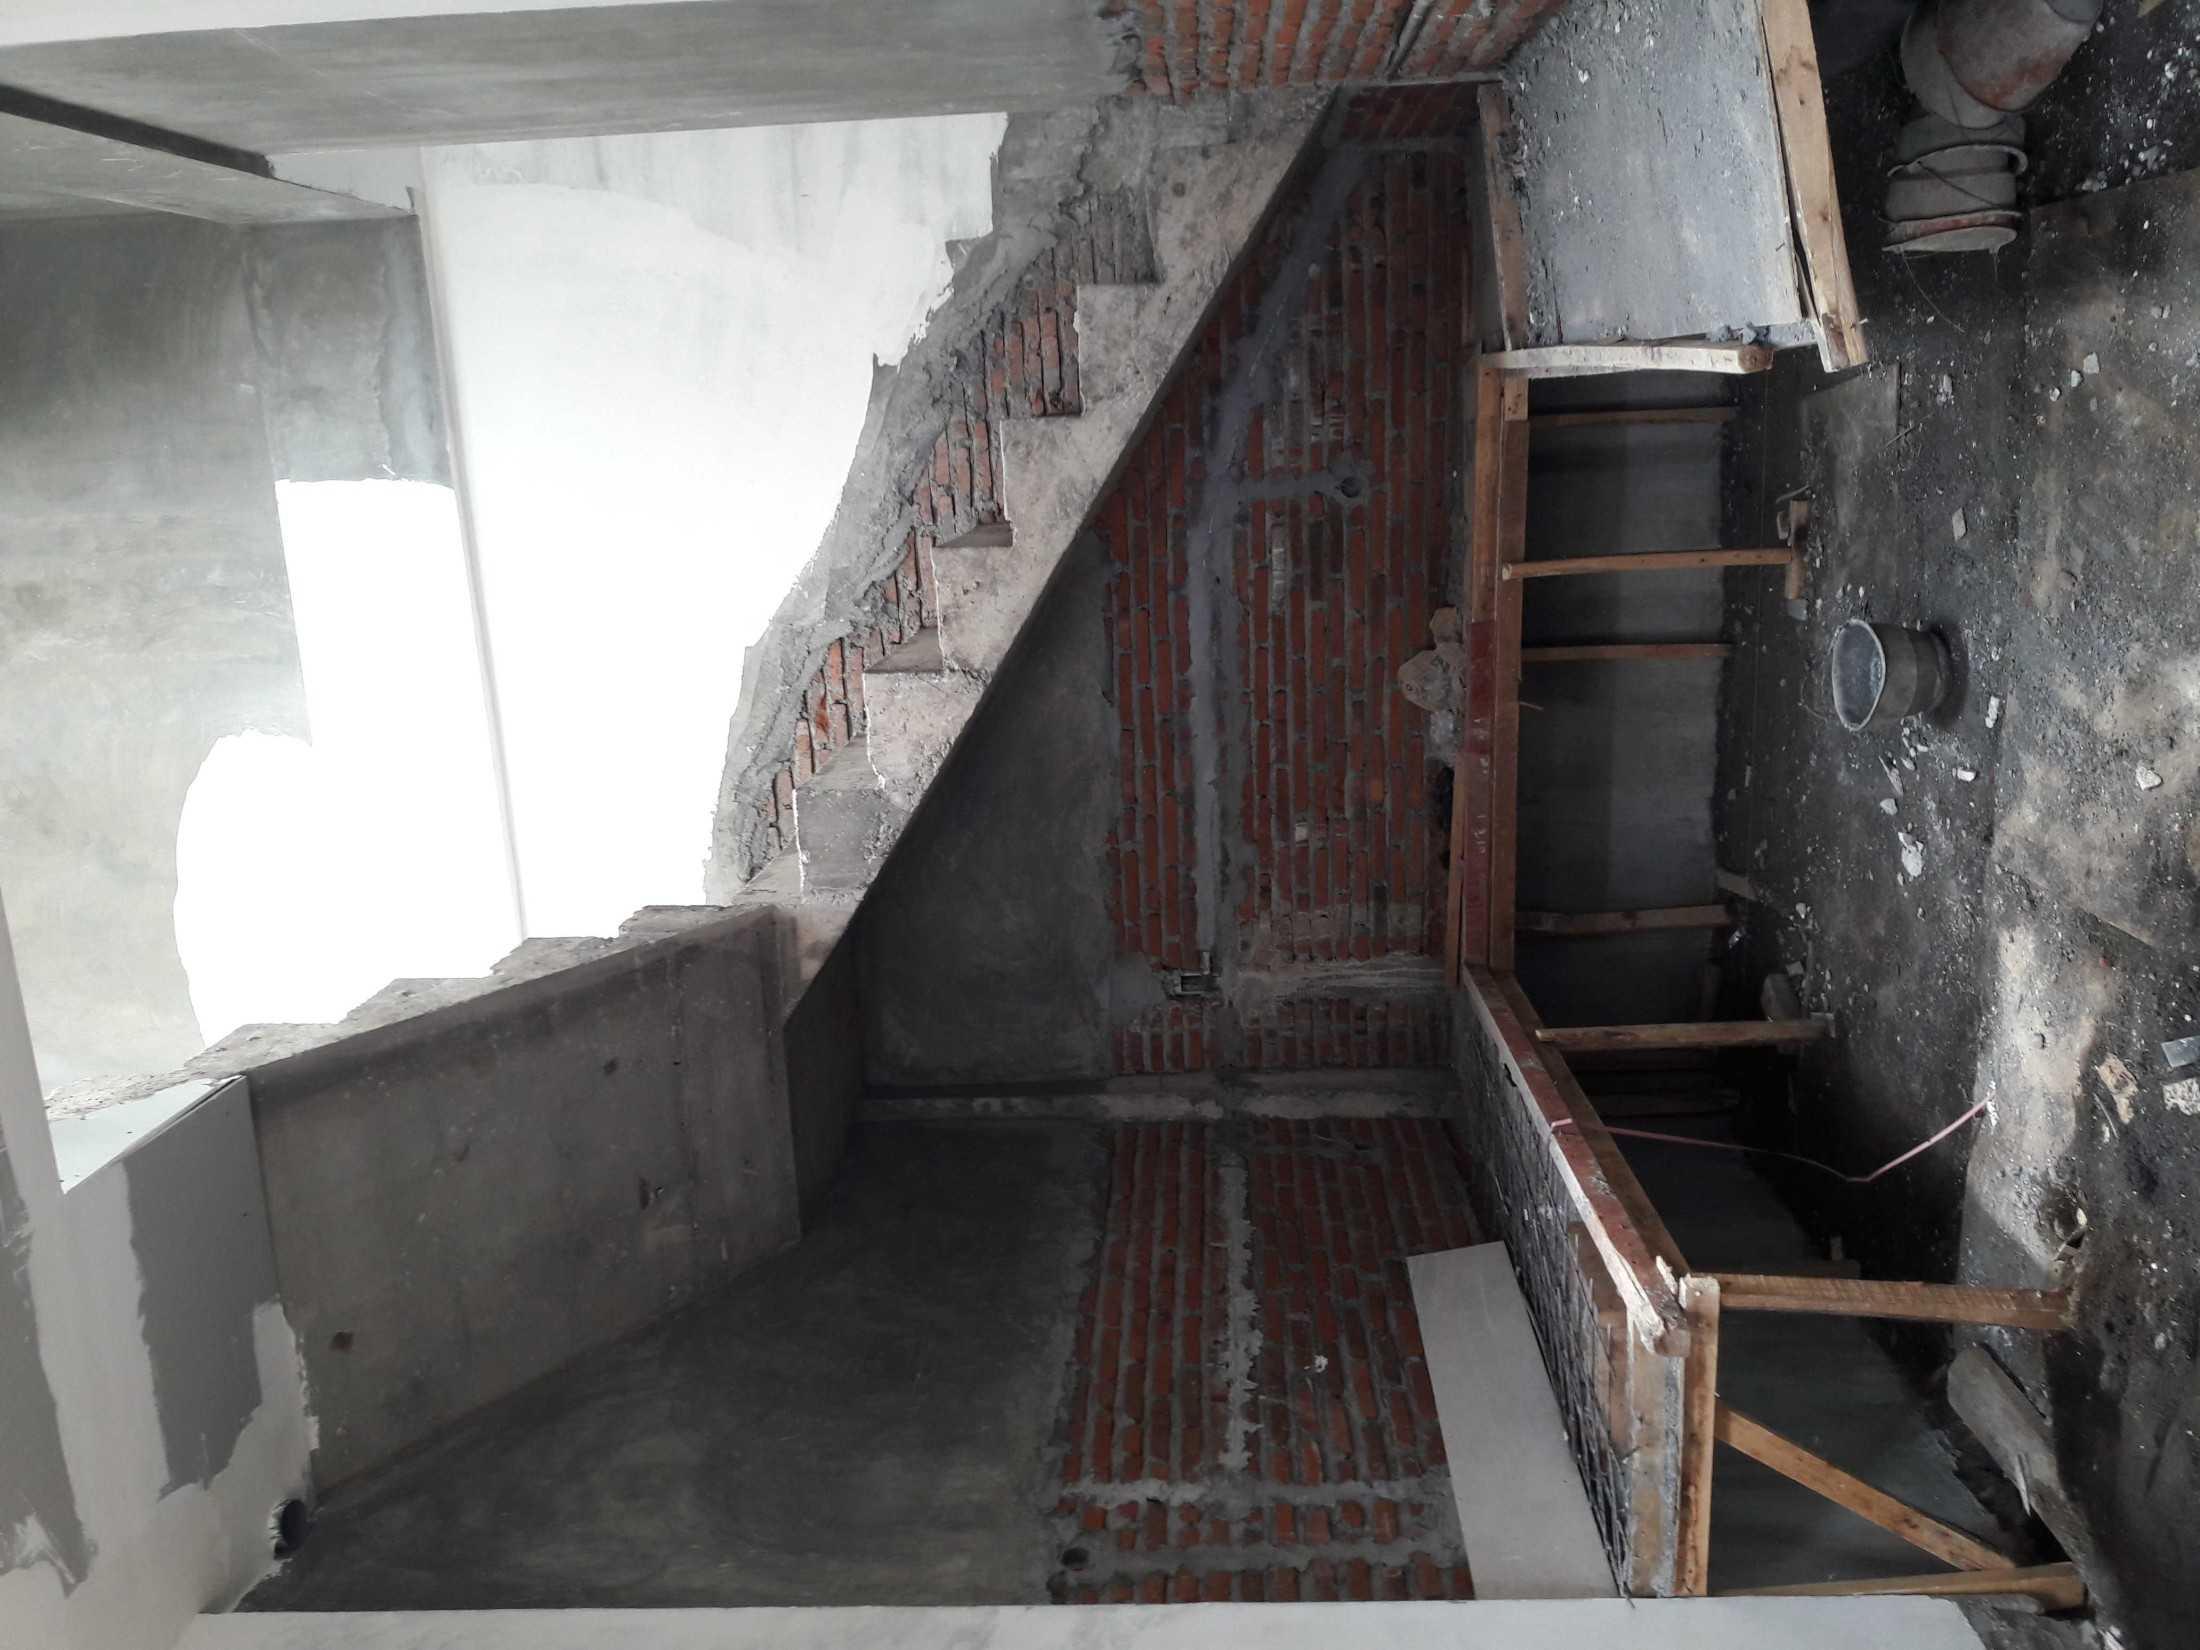 Metom Design Rumah Ibu Dian Y Malang, Kota Malang, Jawa Timur, Indonesia Malang, Kota Malang, Jawa Timur, Indonesia Metom-Design-Interior-Ibu-Dian-Y  106292